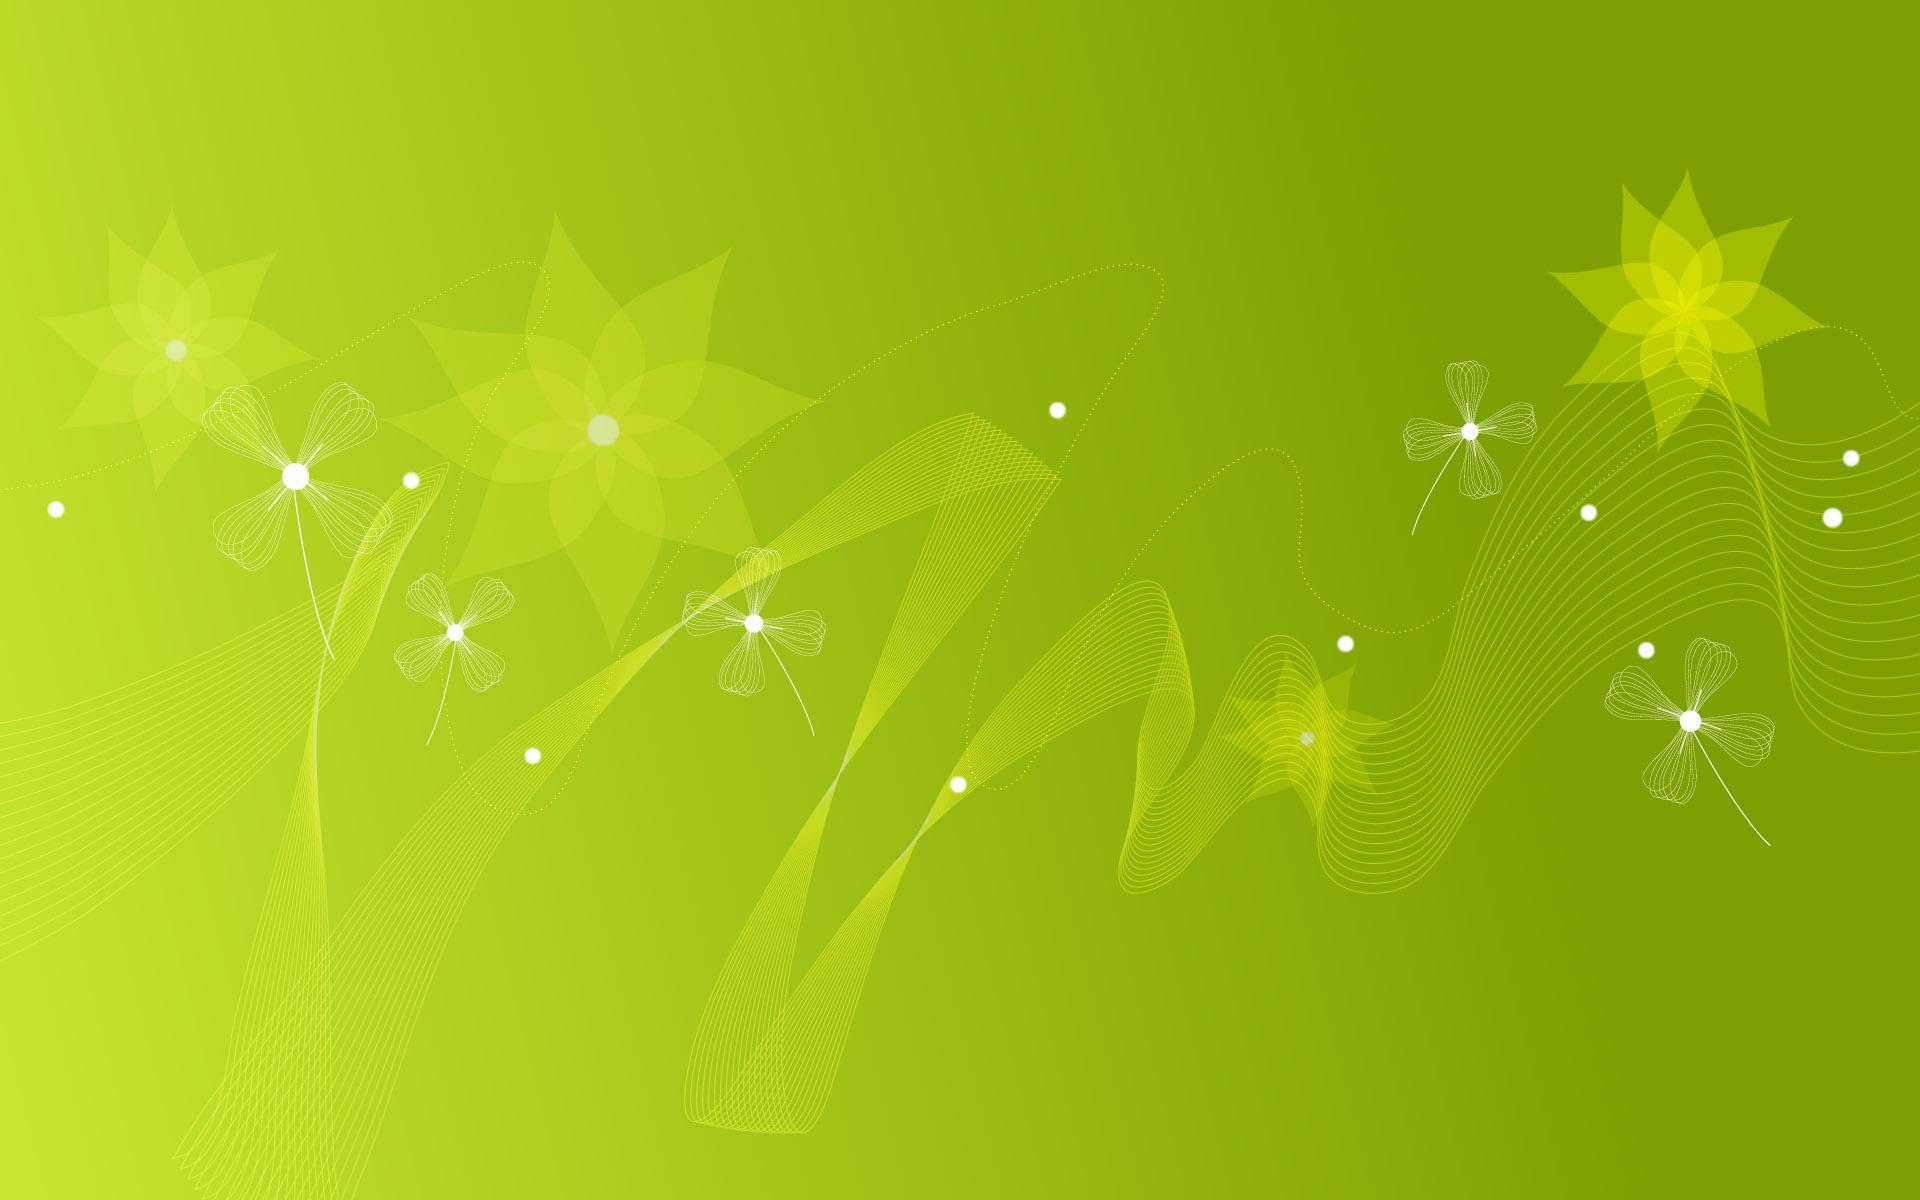 Download Light Green Wallpaper 46970 1920x1200 Px High Definition